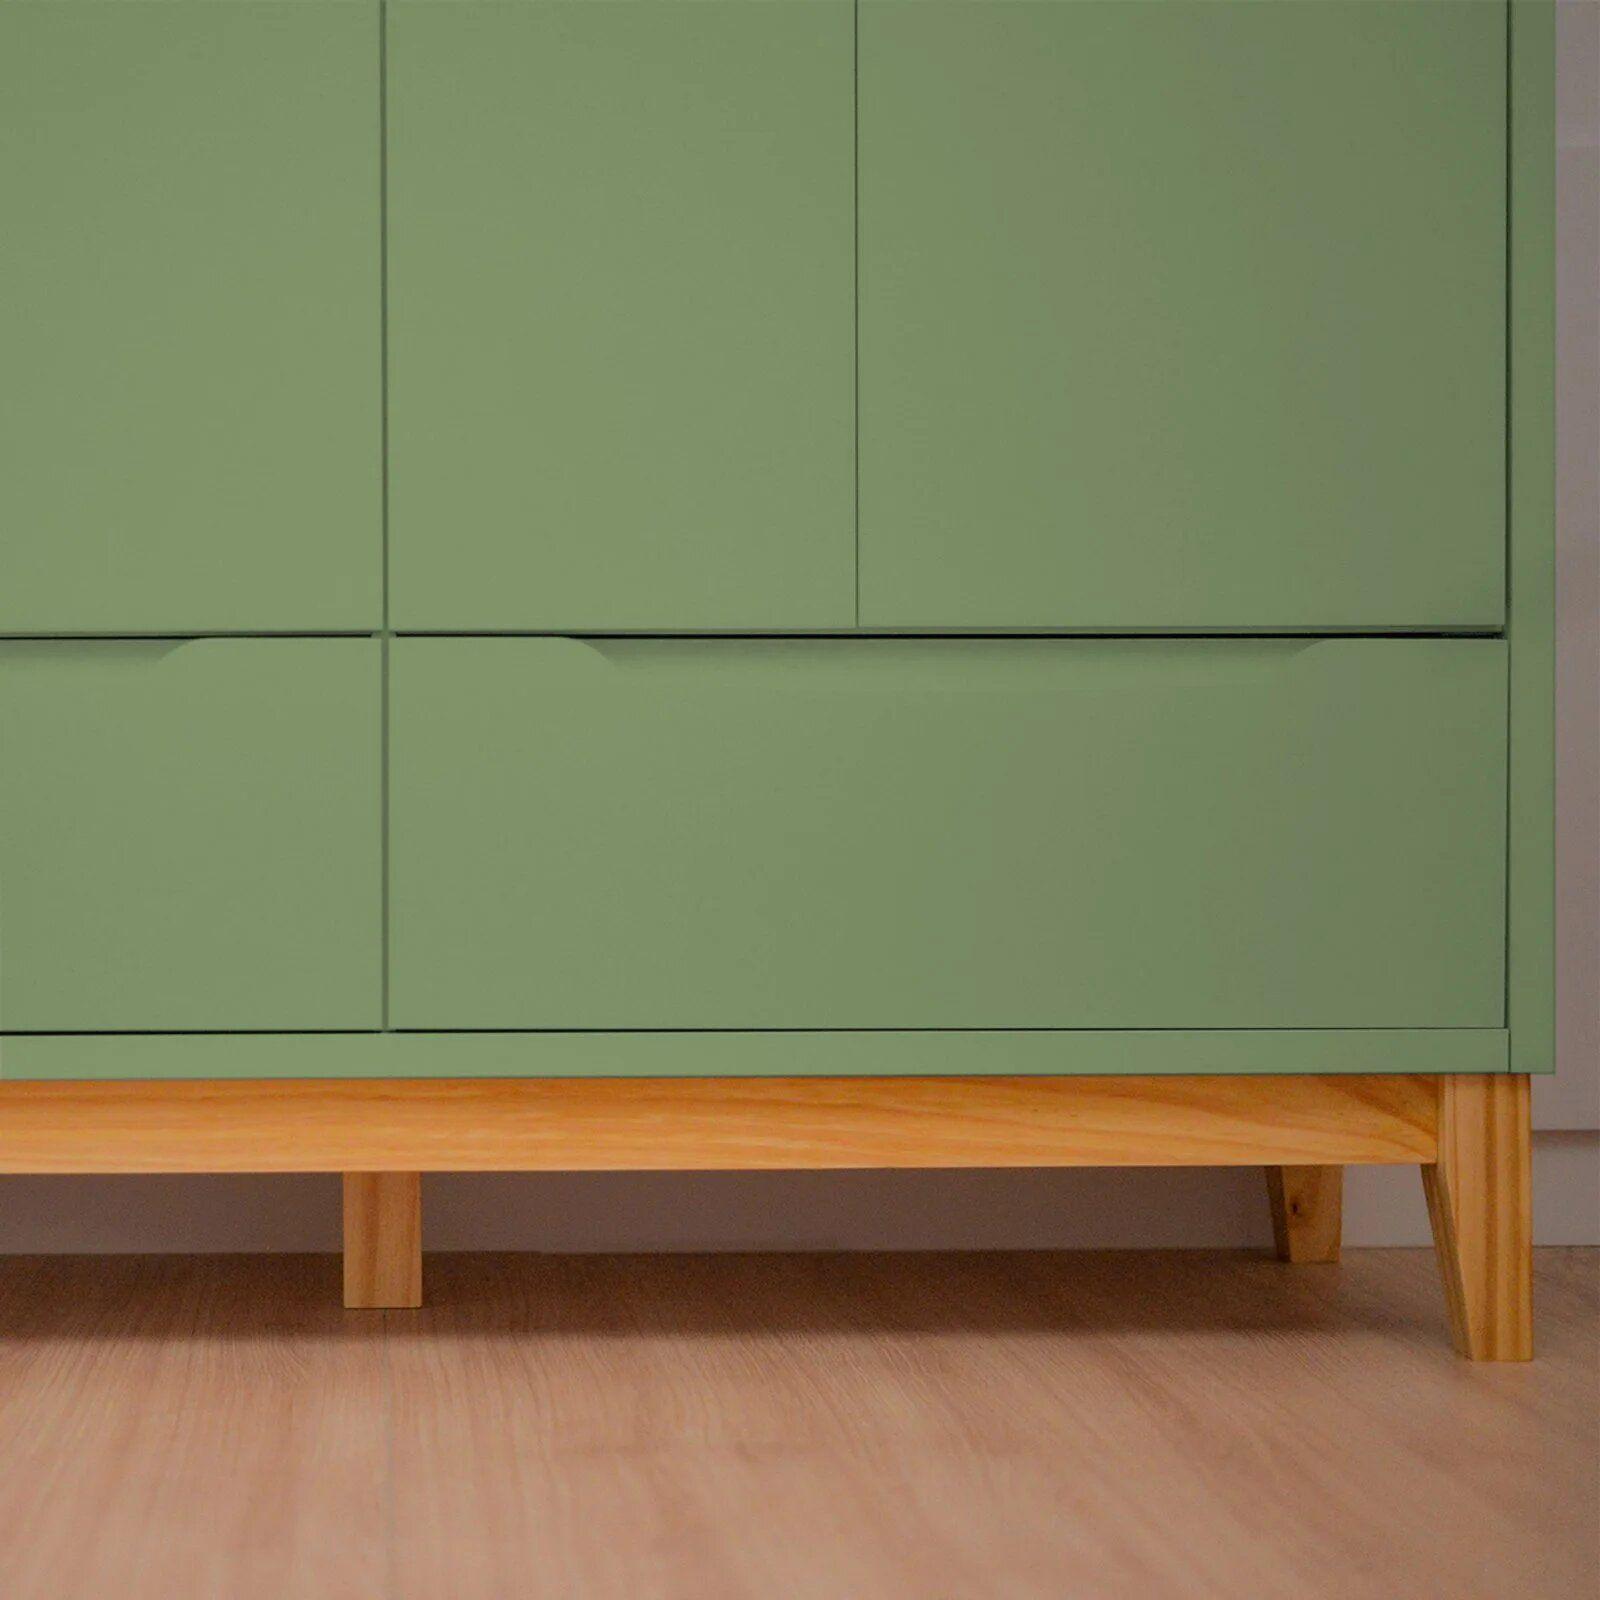 Roupeiro Infantil 4 portas e 2 gavetas - coleção Amor Perfeito verde